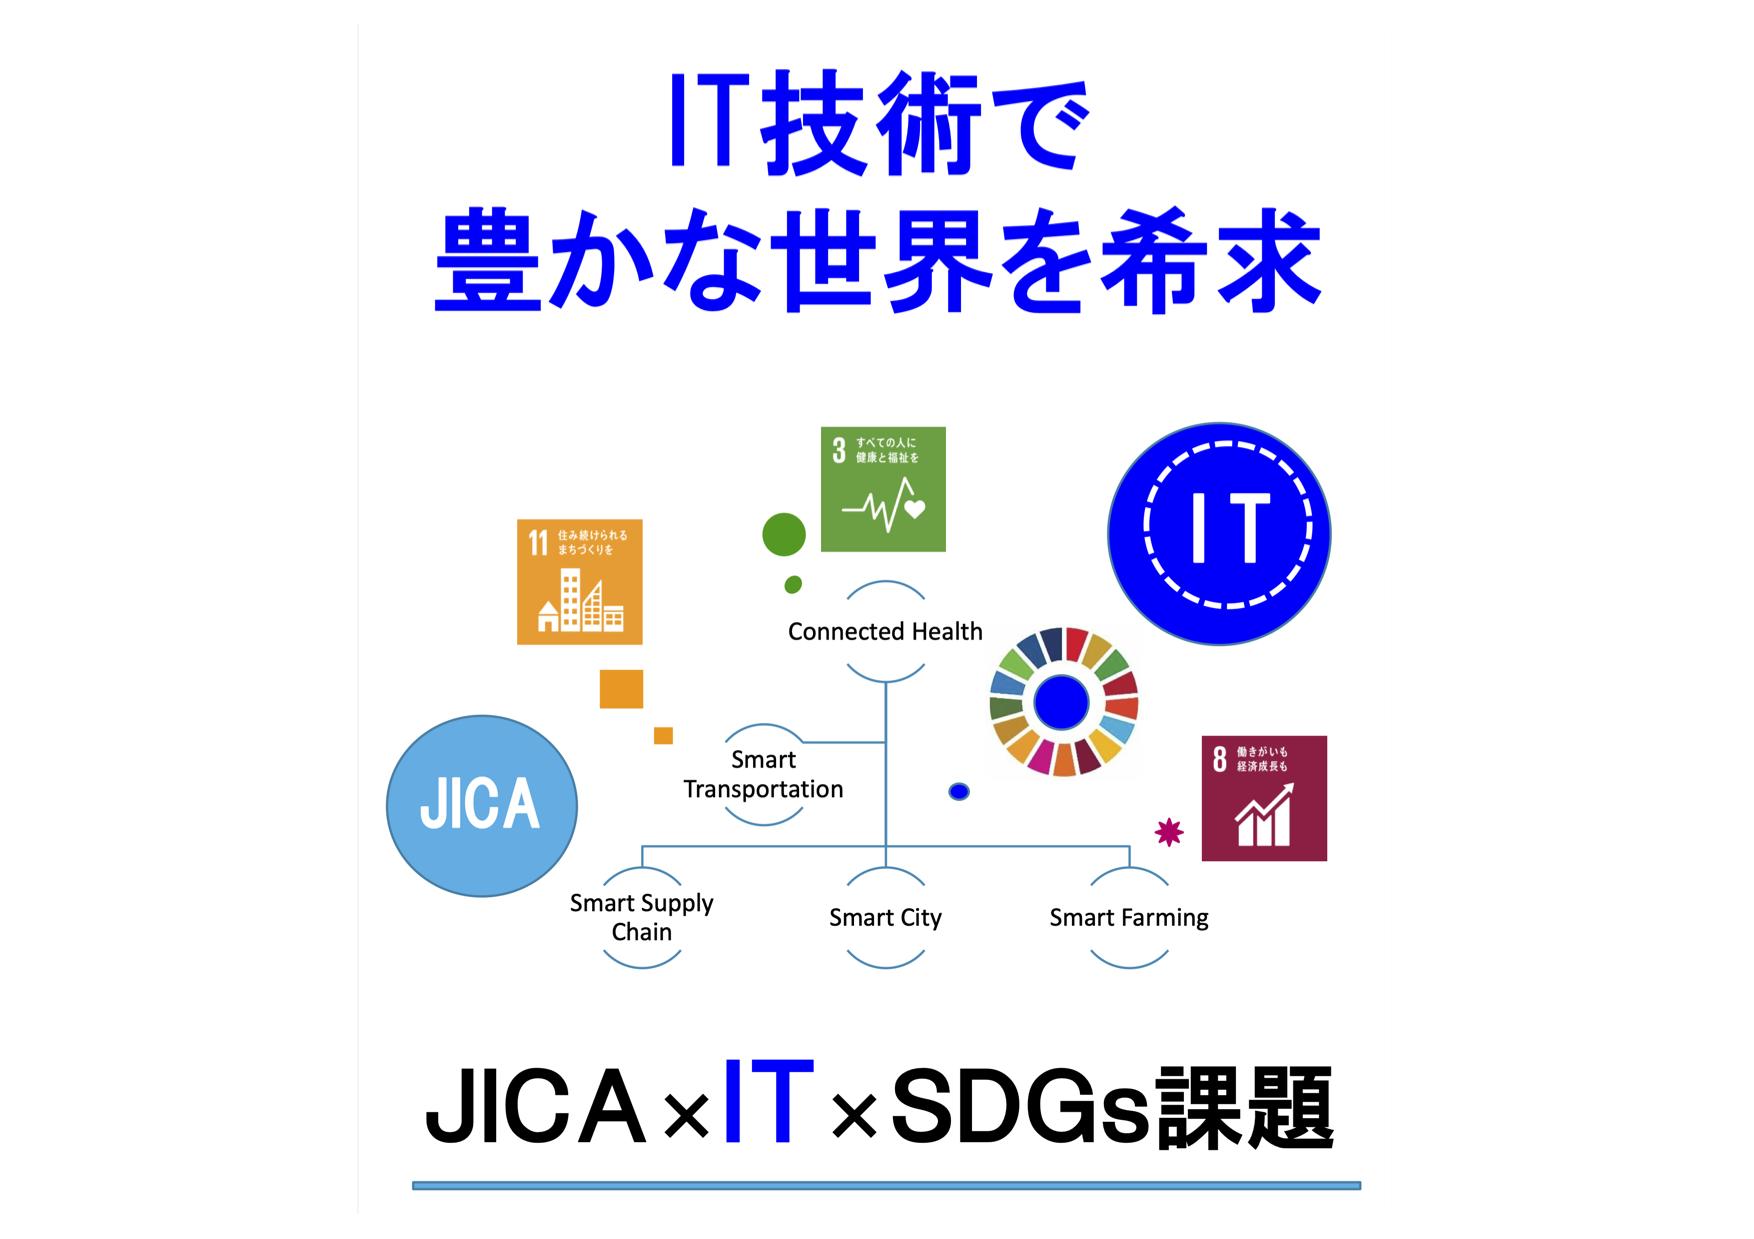 「IT技術で豊かな世界を希求 ~IT×SDGs課題~」